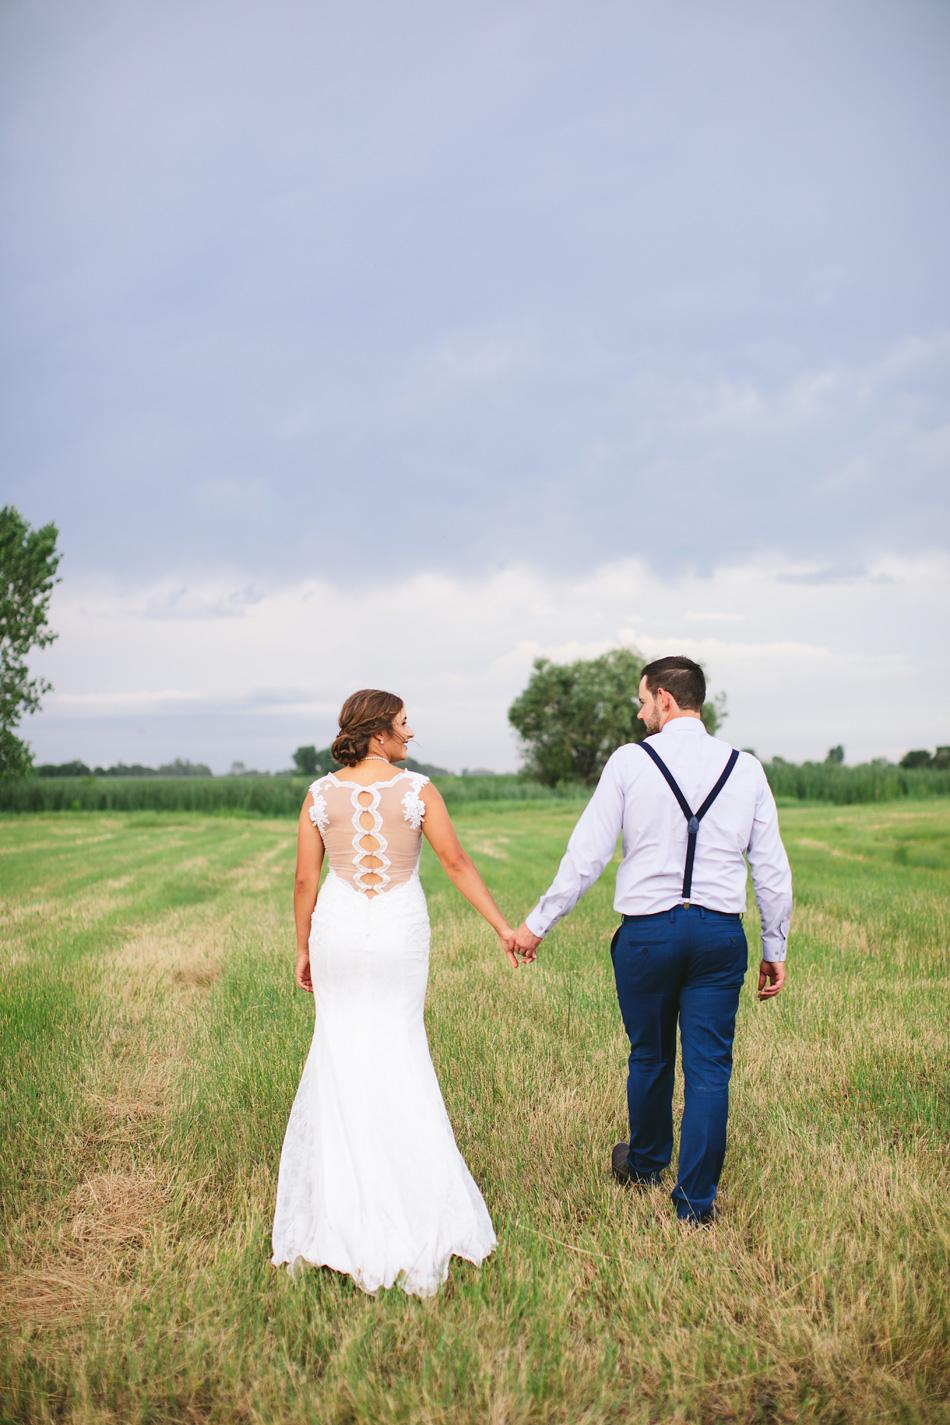 Walking in Field Wedding